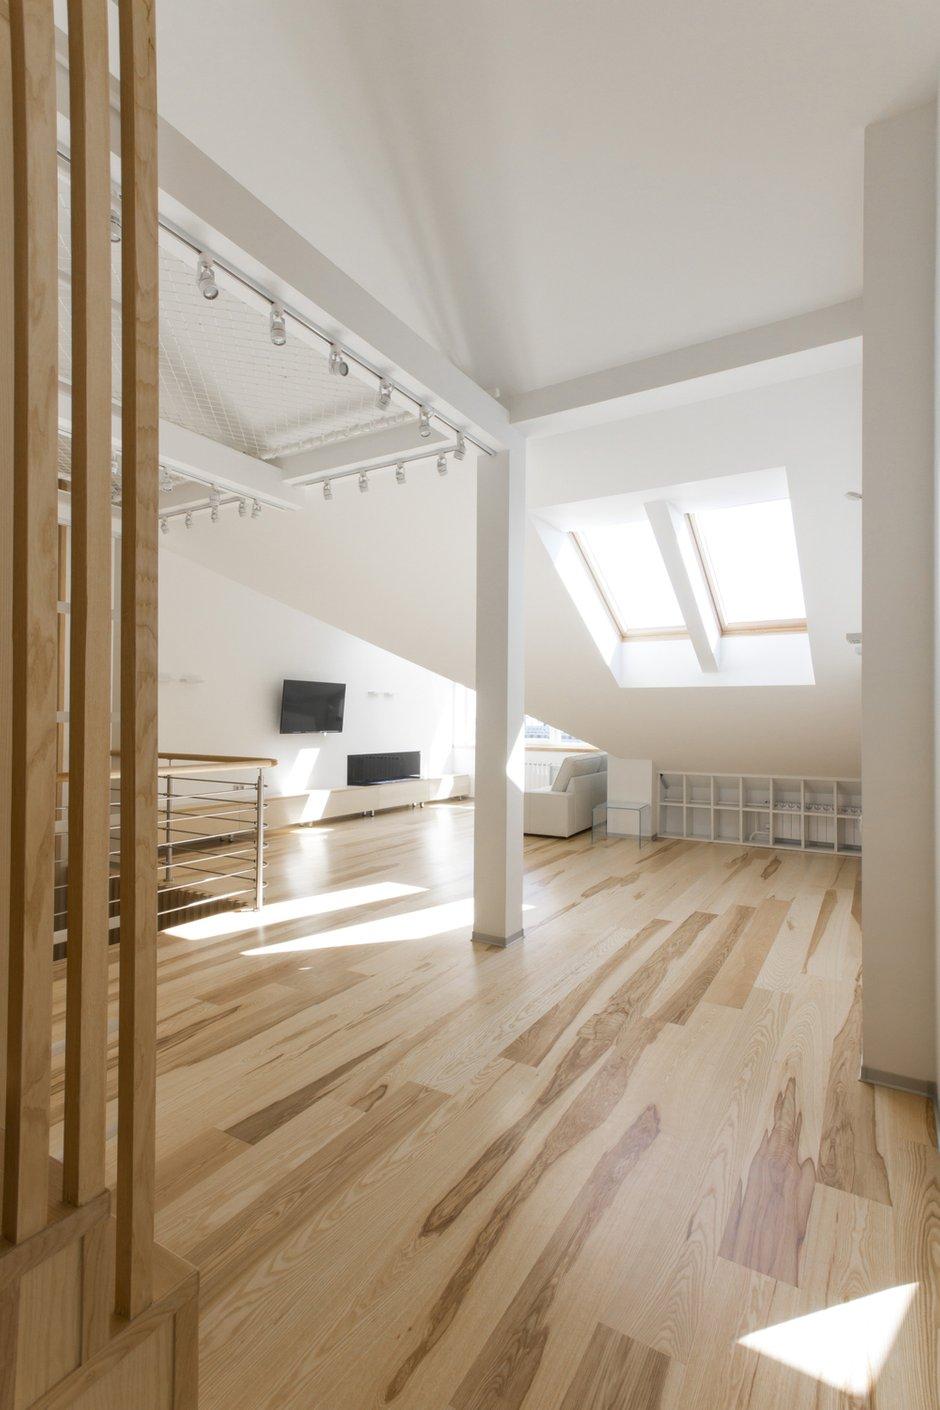 Фотография: Прихожая в стиле Лофт, Квартира, BoConcept, Дома и квартиры, Белый, IKEA, Проект недели, Мансарда – фото на INMYROOM